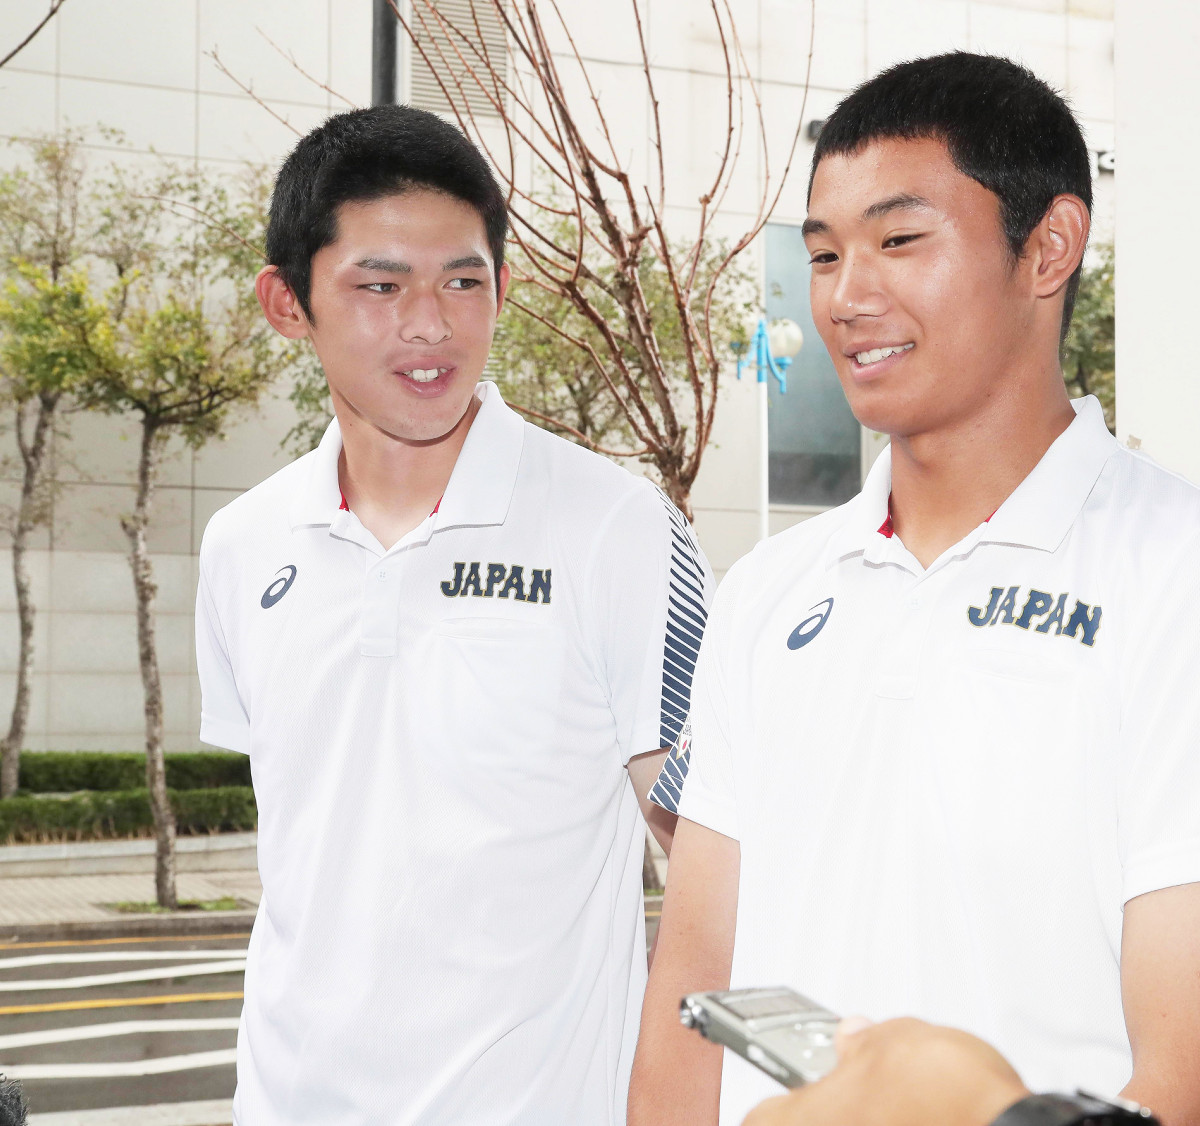 笑顔で会見に応じる大船渡・佐々木(左)と星稜・奥川